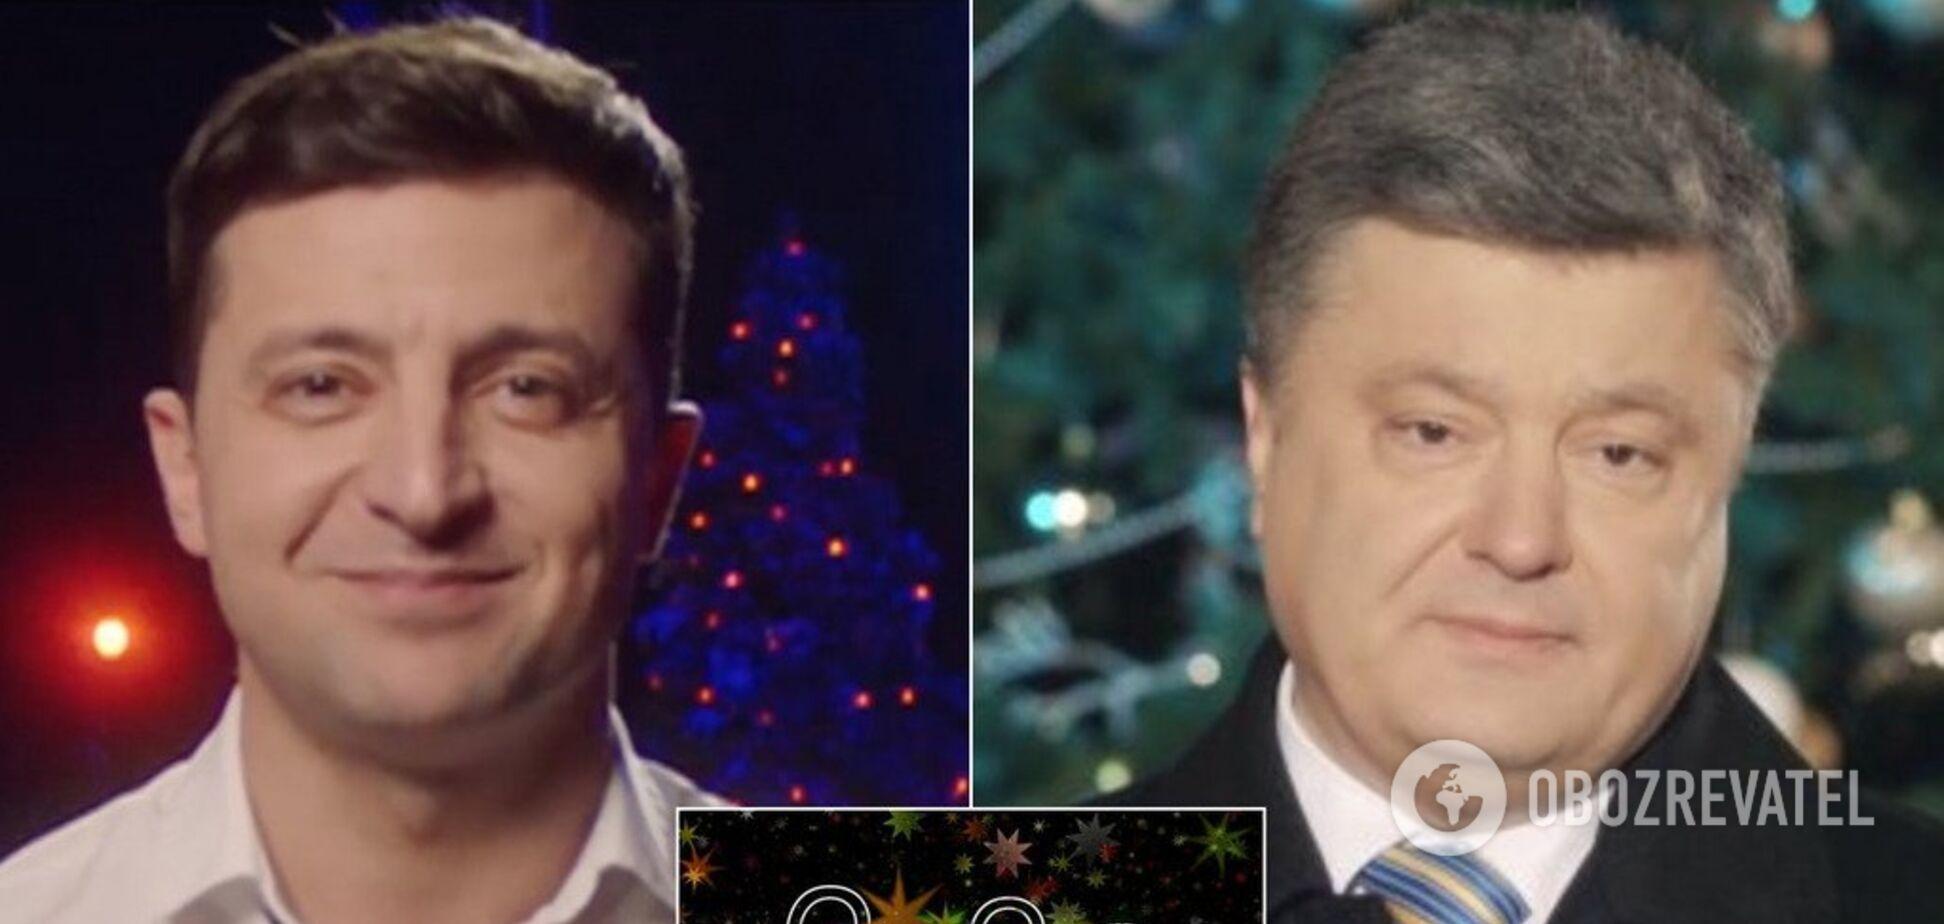 Зеленский и Порошенко записали новогодние поздравления для украинцев